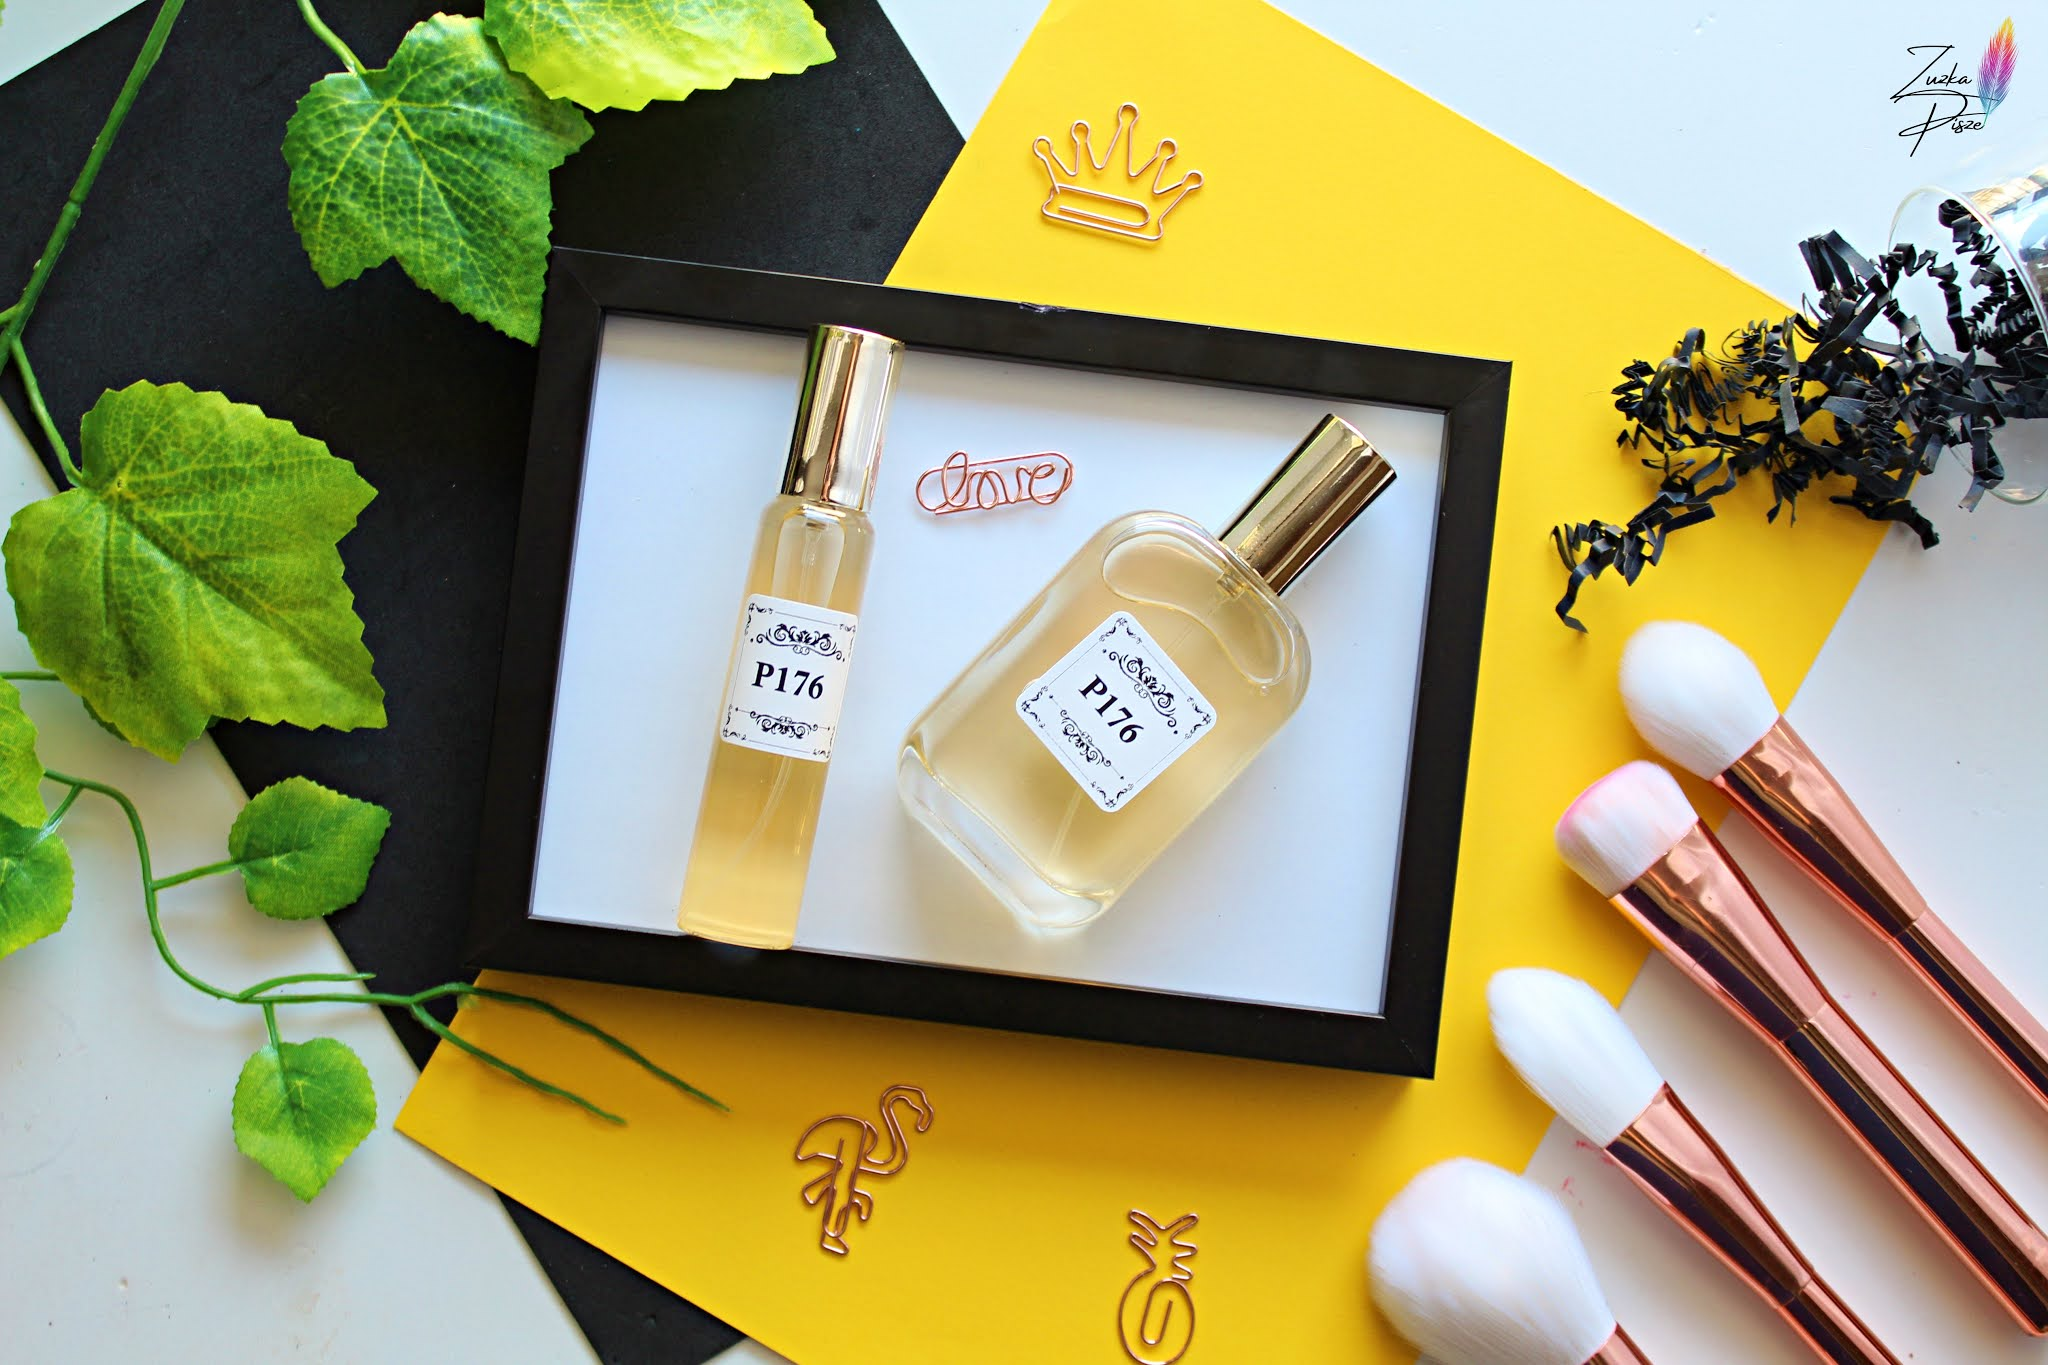 Dlaczego warto zamawiać lane perfumy?